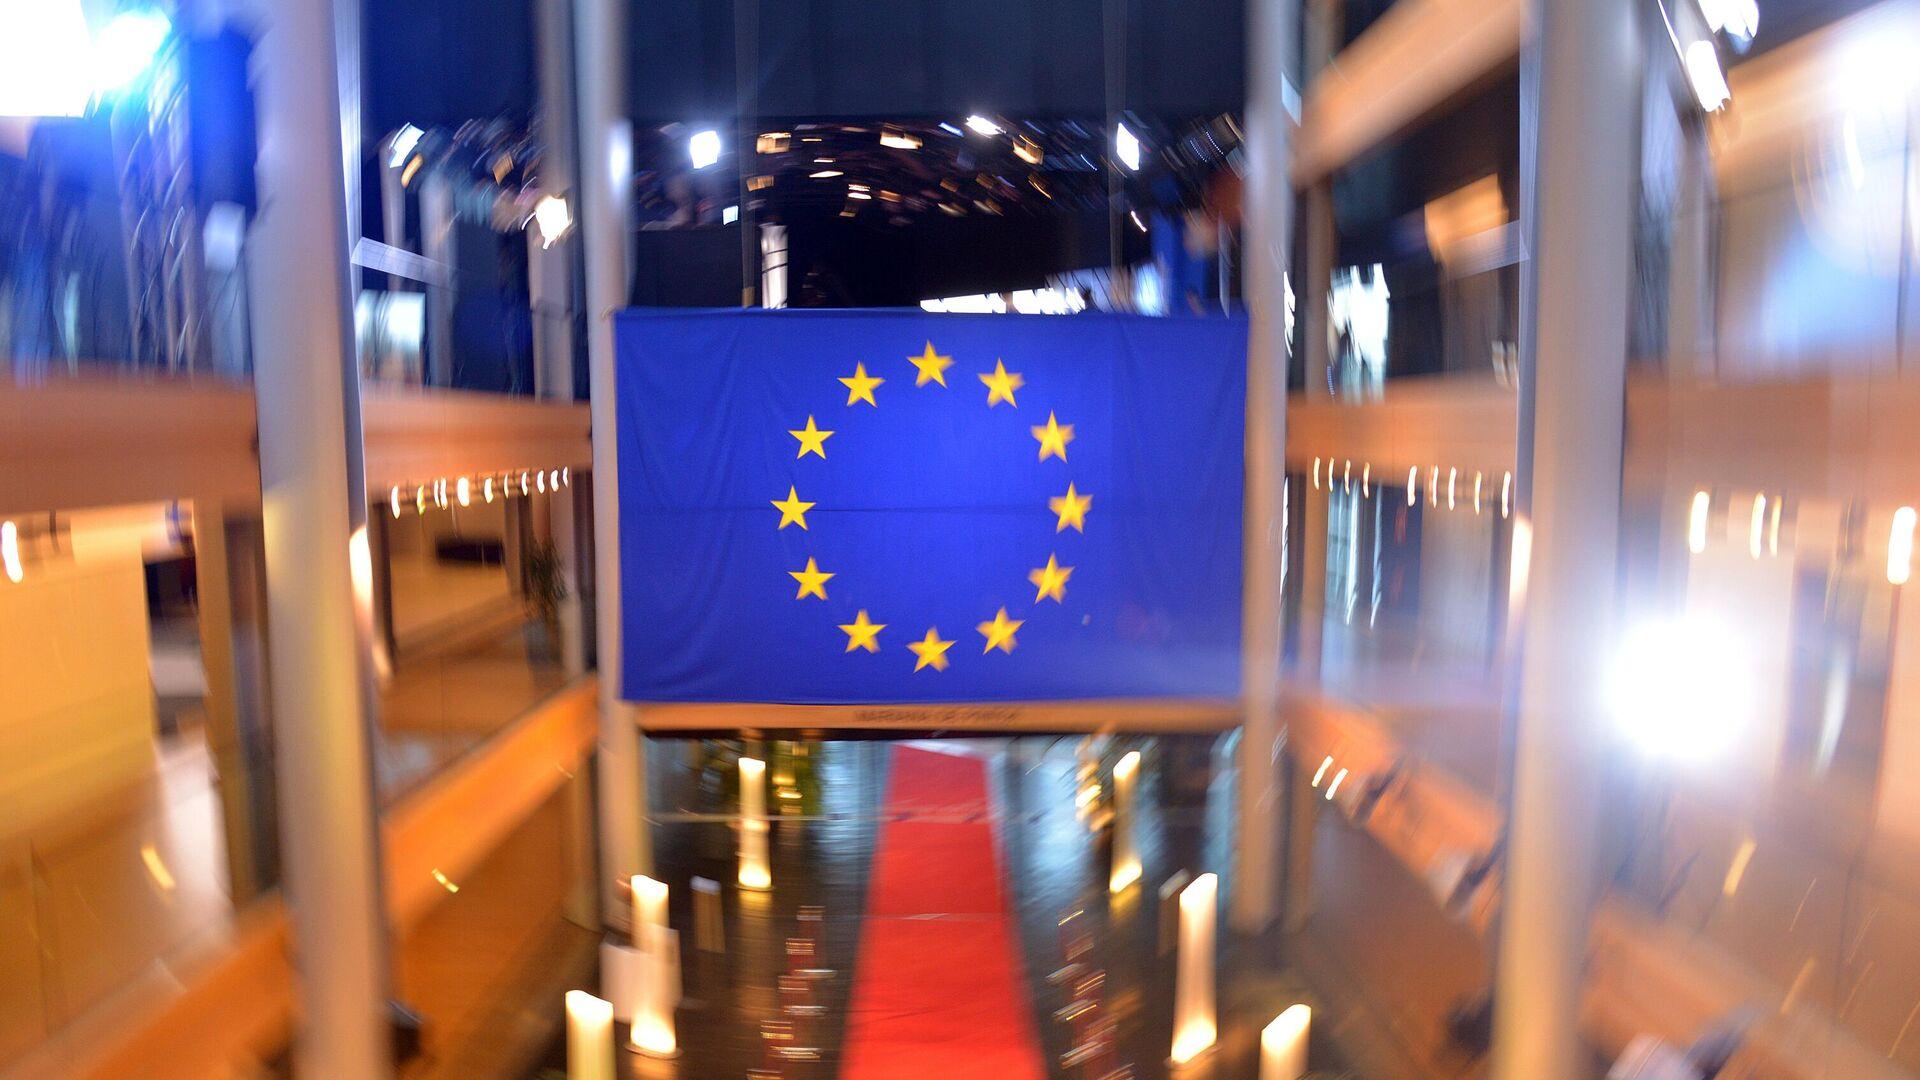 Евросоюз продлил персональные санкции по Украине